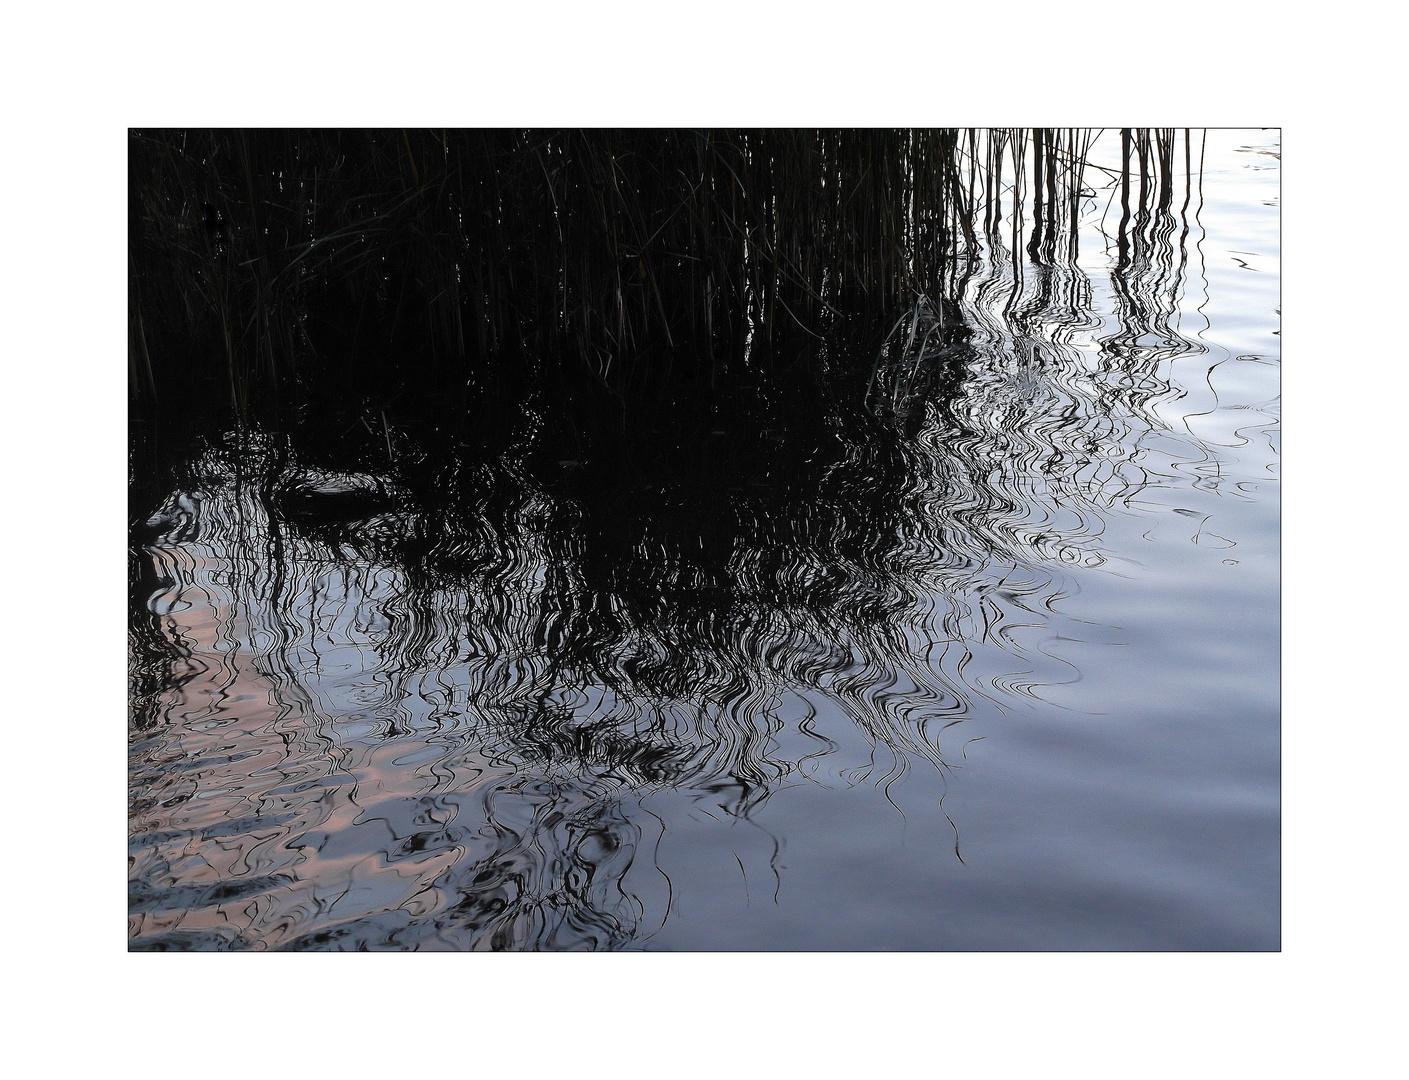 und abends träumt der See ganz leise vor sich hin.......